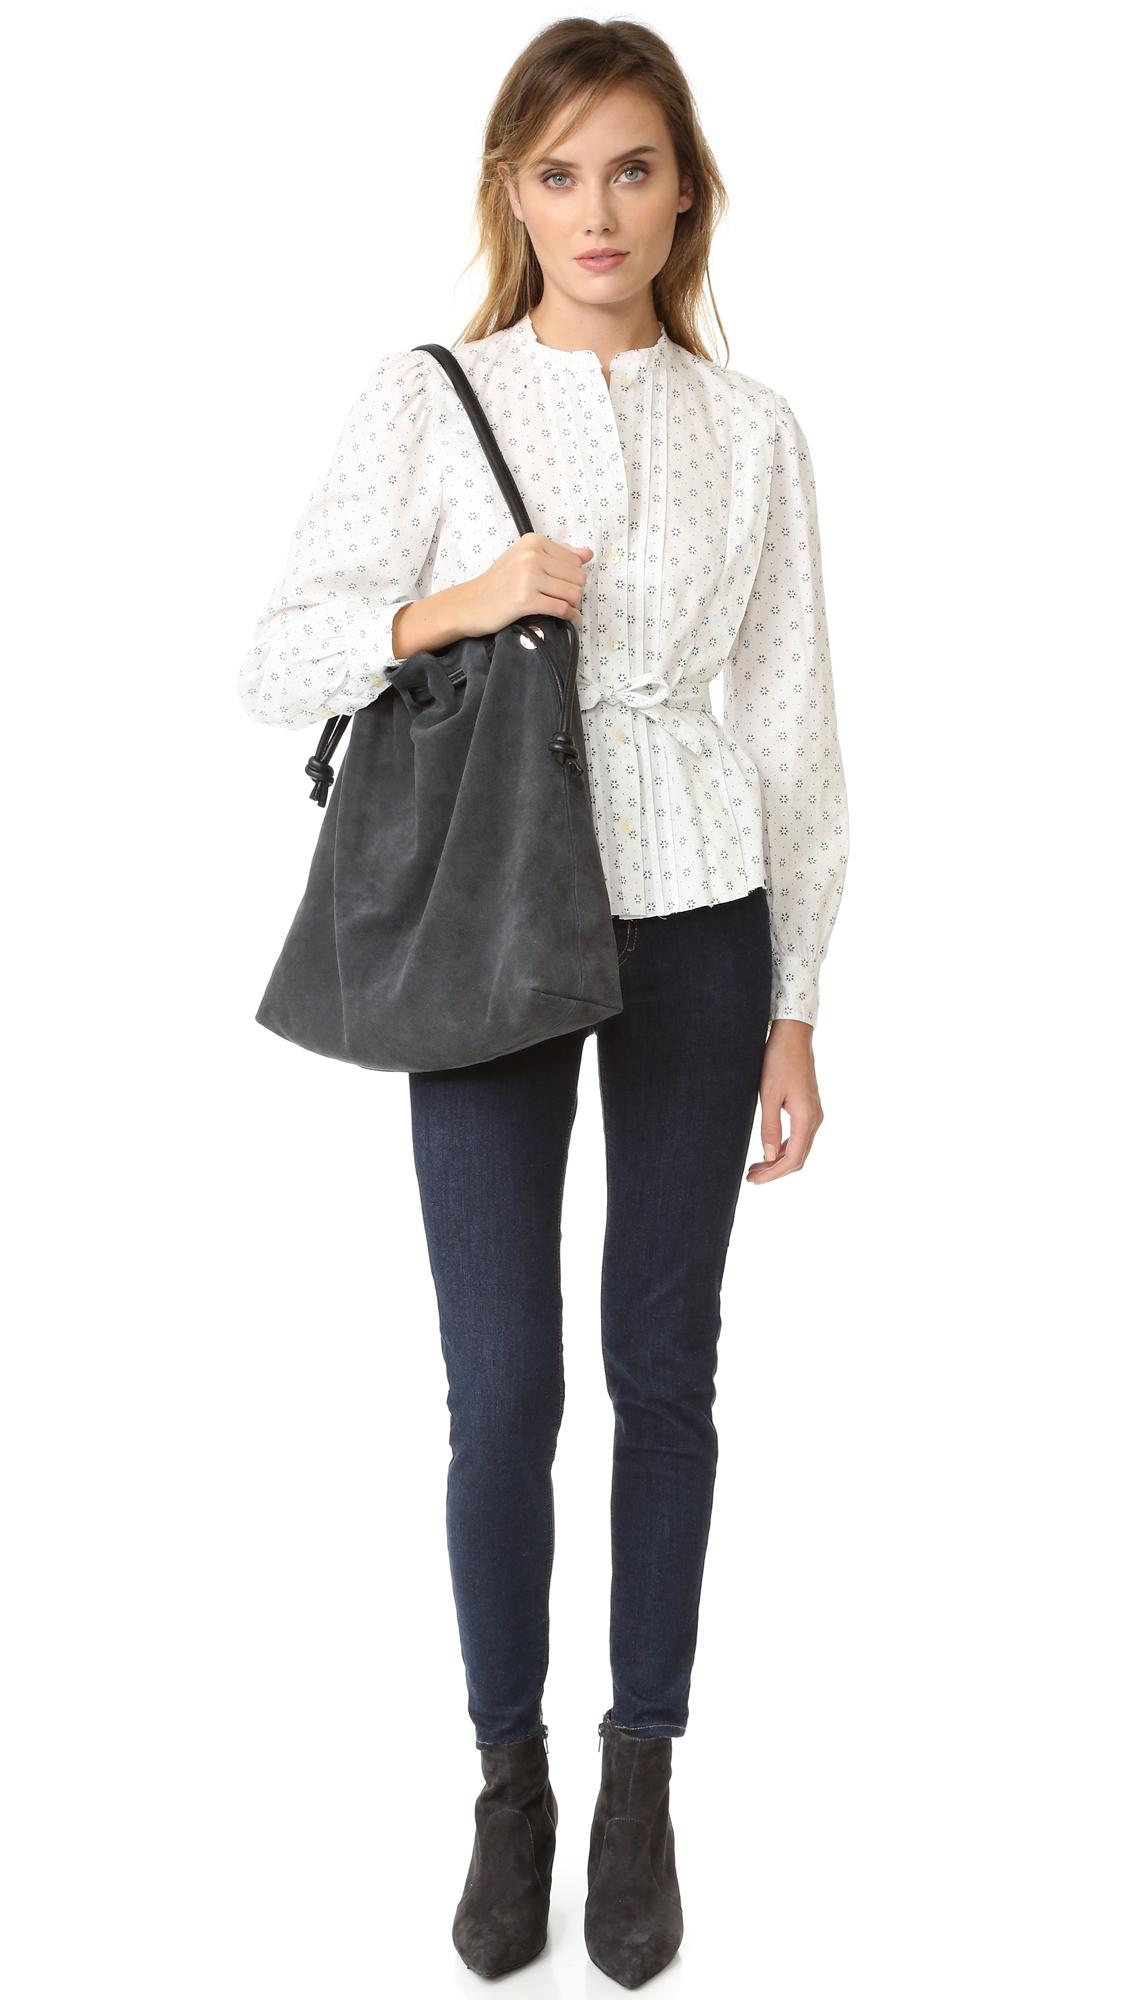 Clare Vivier Henri Drawstring Bag GJrwB3ofR